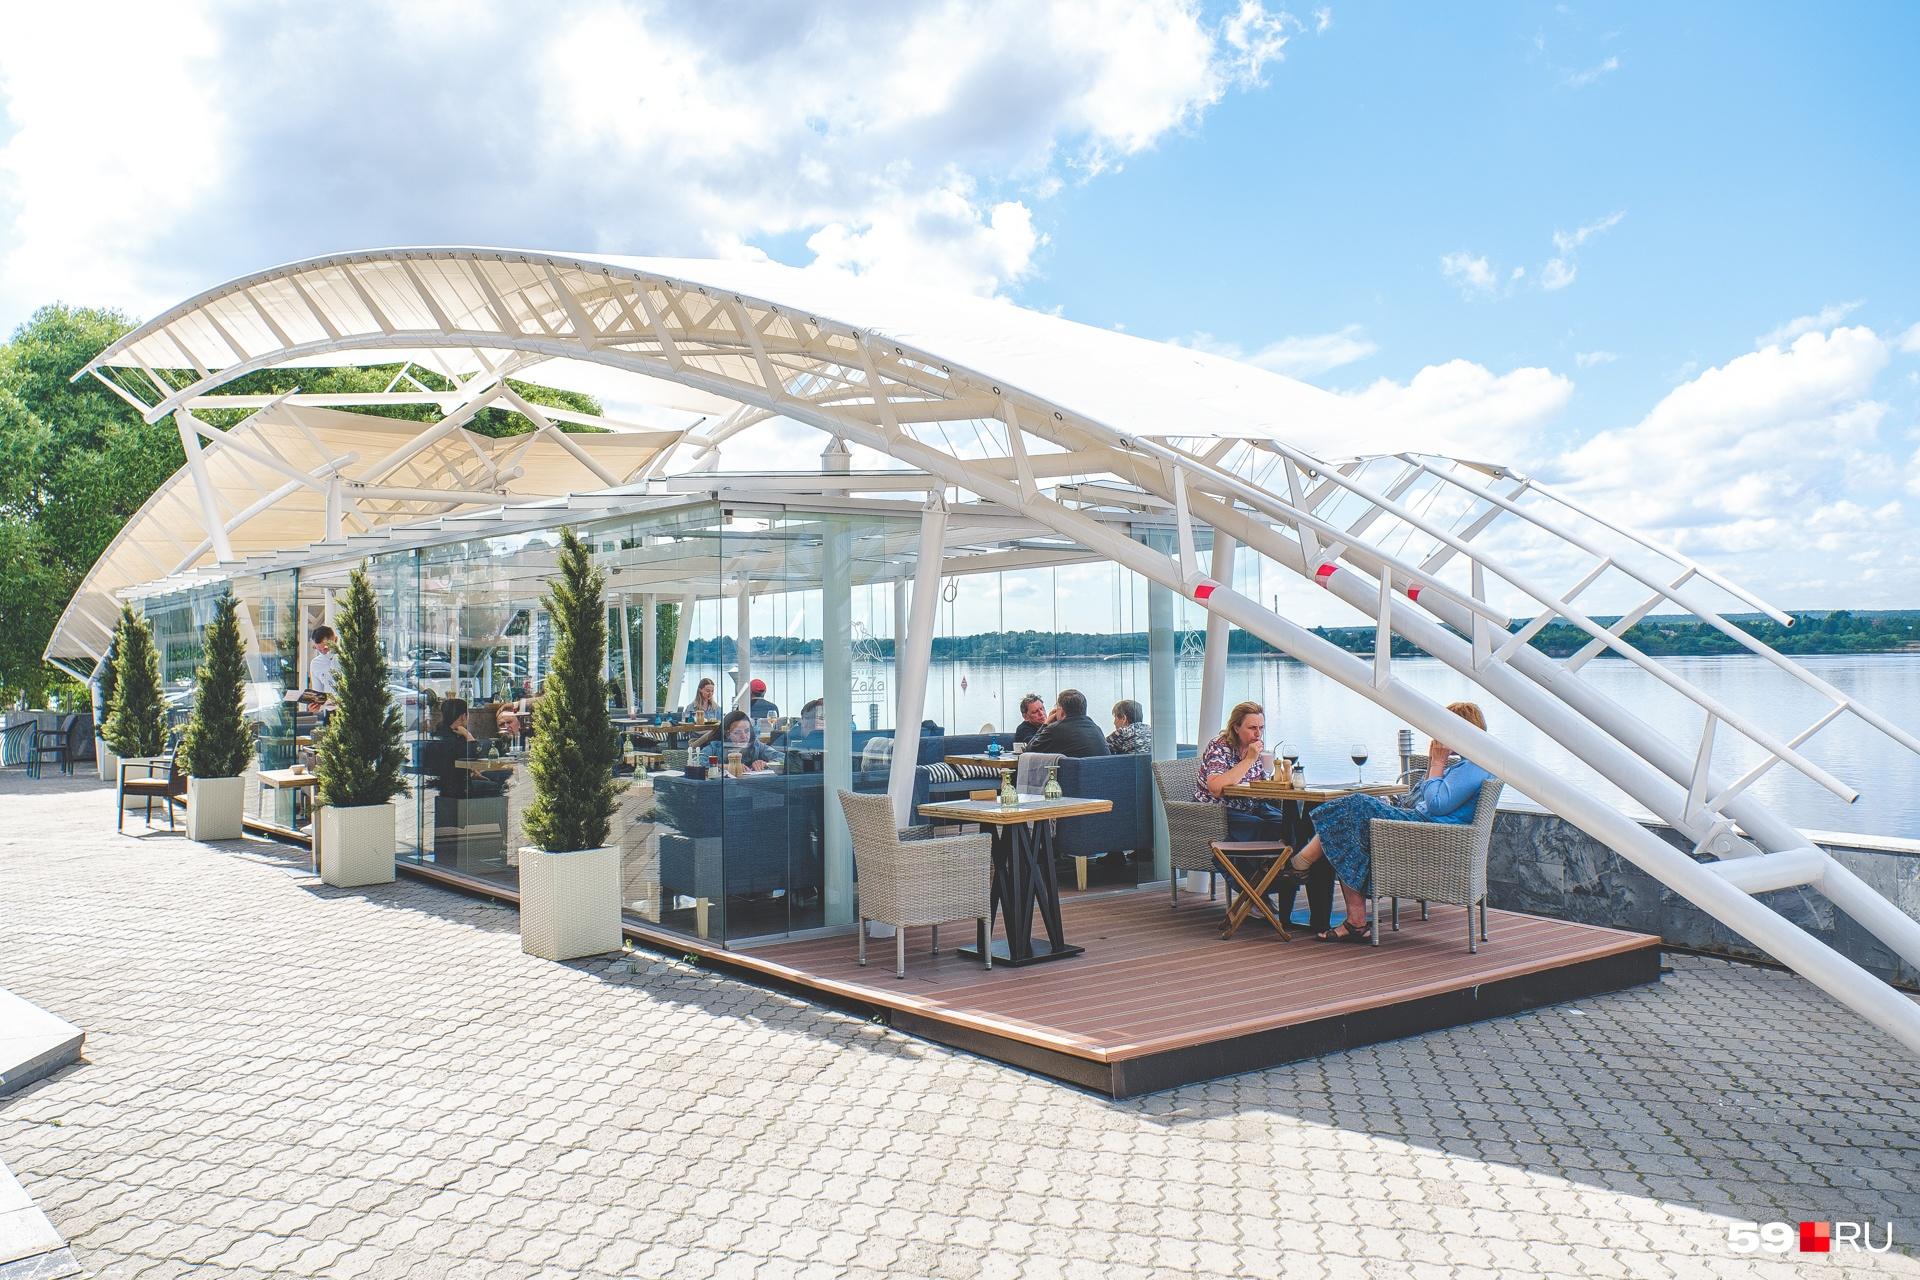 Летник ресторанов «Чайка Zaza» и «Портофино» расположен на берегу Камы — в районе Перми I